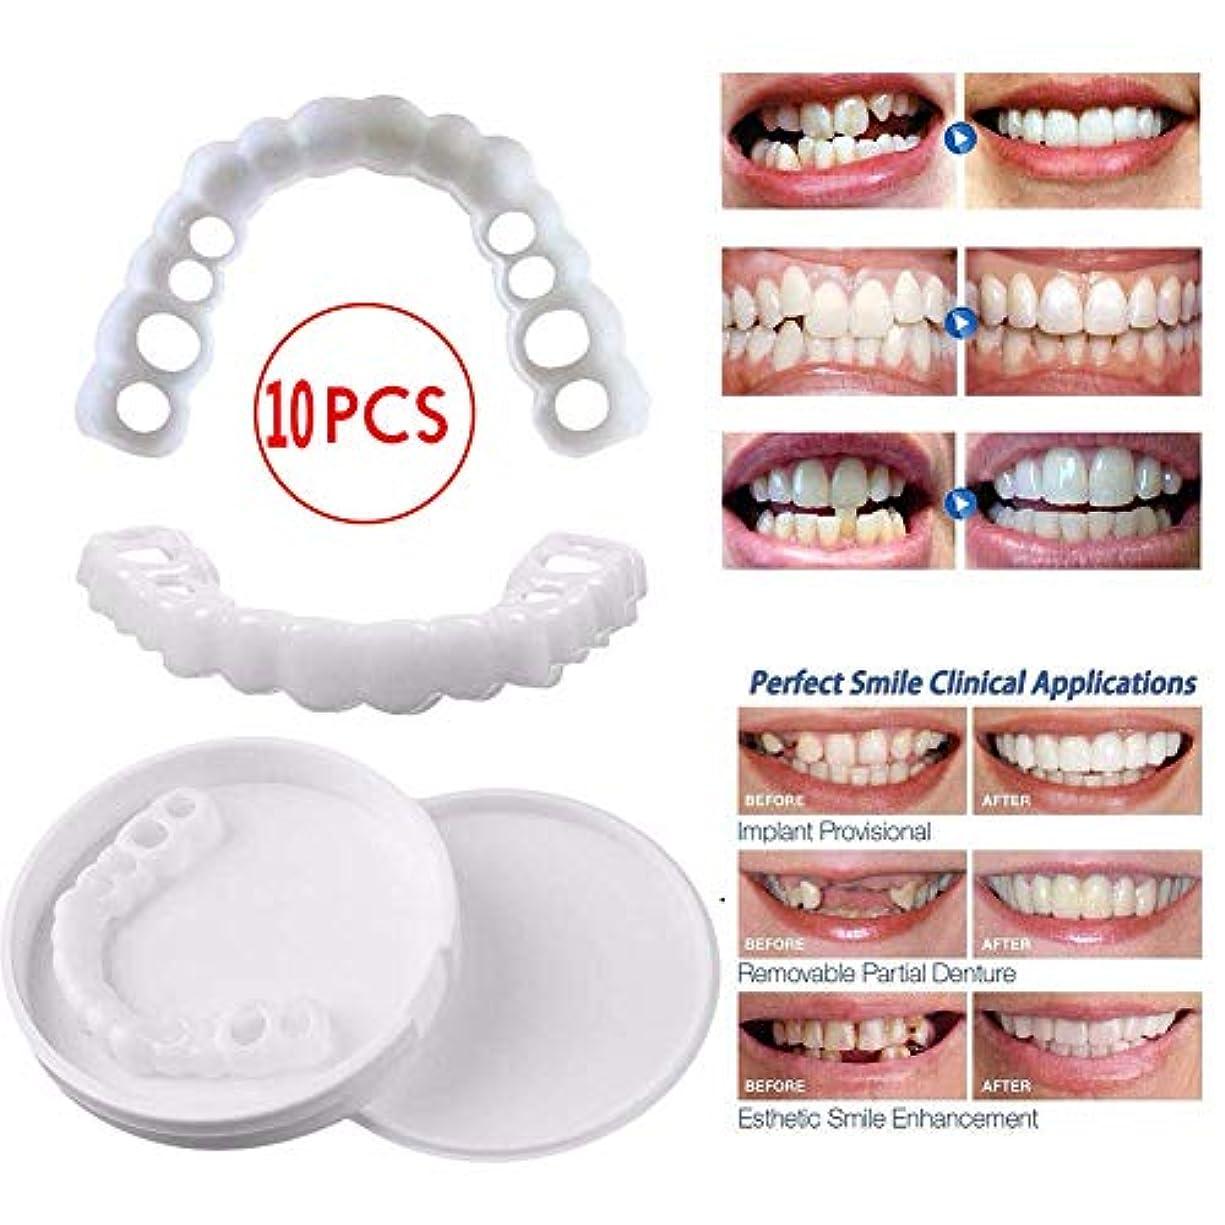 逆さまにセイはさておきライラック10個の一時的な歯のホワイトニング、歯の一時的な化粧品の歯の義歯歯の化粧品の収納ボックス付き偽の歯カバー,10pcsupperteeth